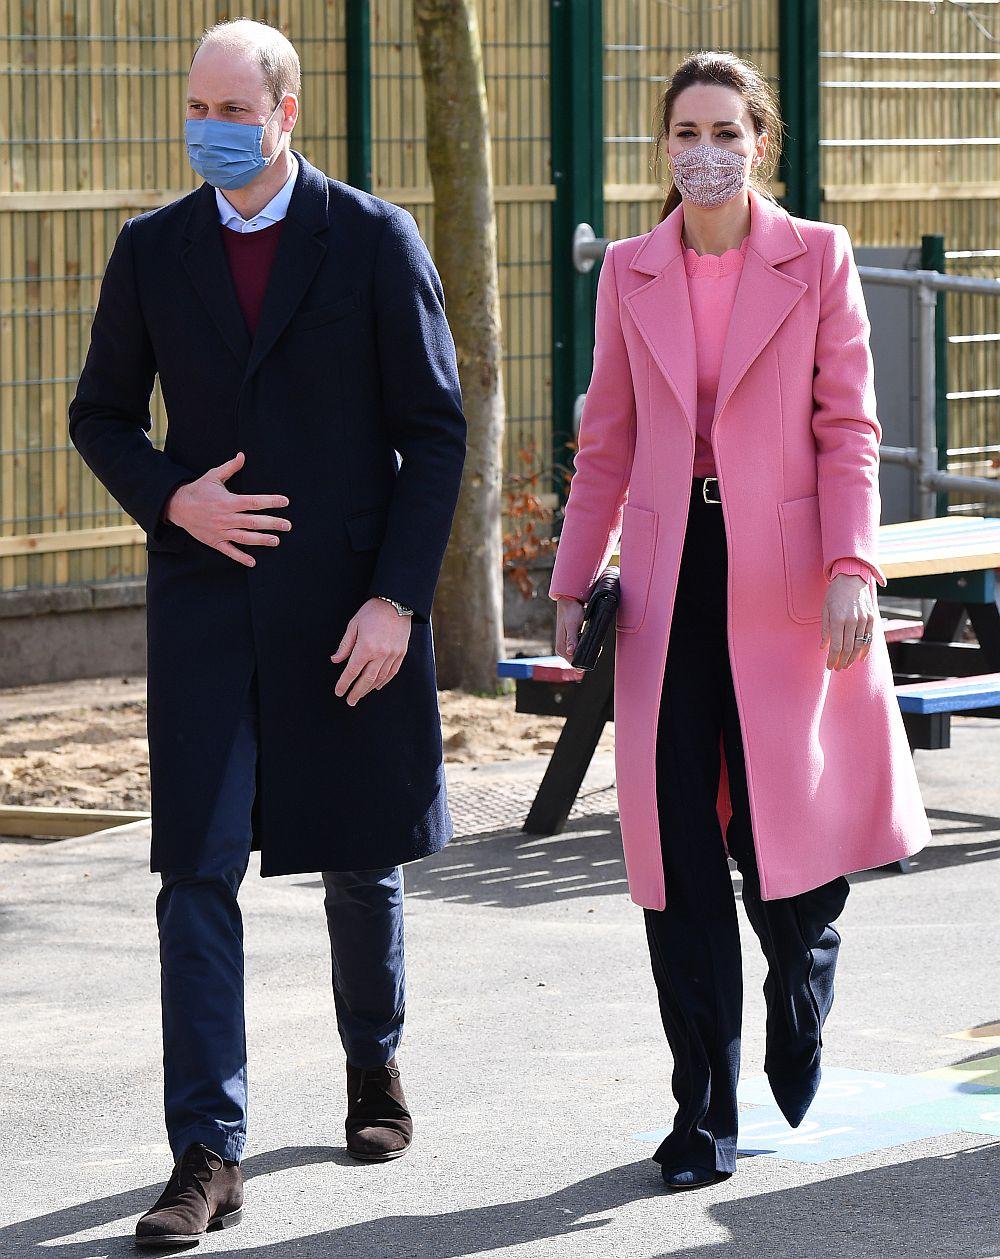 По време на съвместен ангажимент със съпругата си Катрин в Източен Лондон принц Уилям увери, че британското кралско семейство не е расистко